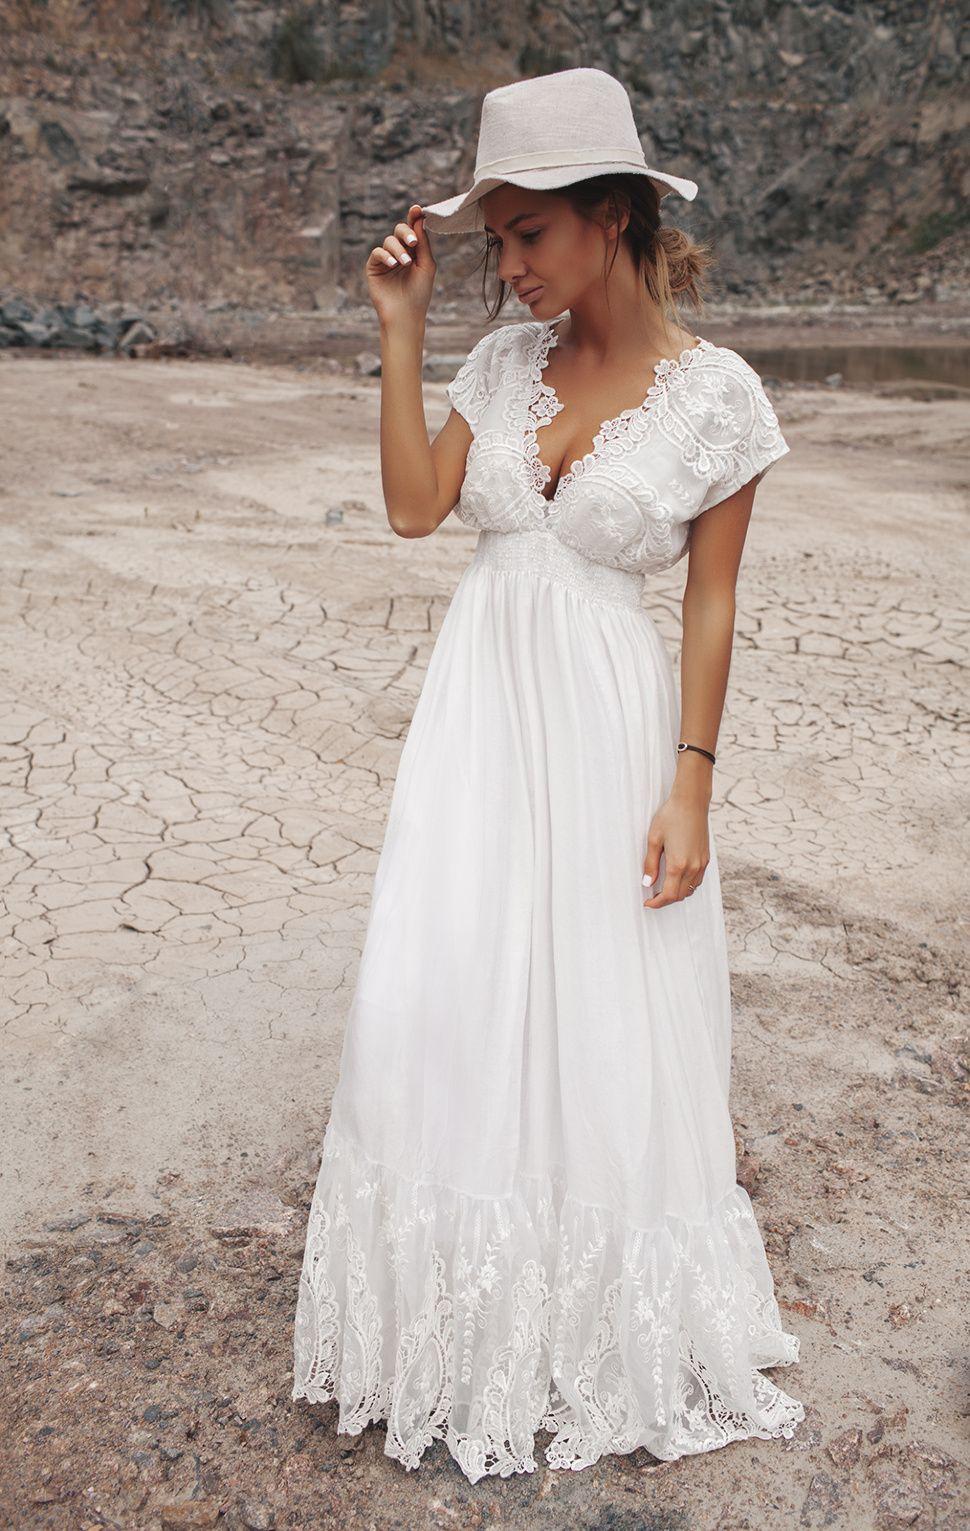 2193869d9174bf Длинные летние платья и сарафаны 2017 (85 фото): в полоску, для беременных,  новинки, шифоновые, для полных девушек, модели